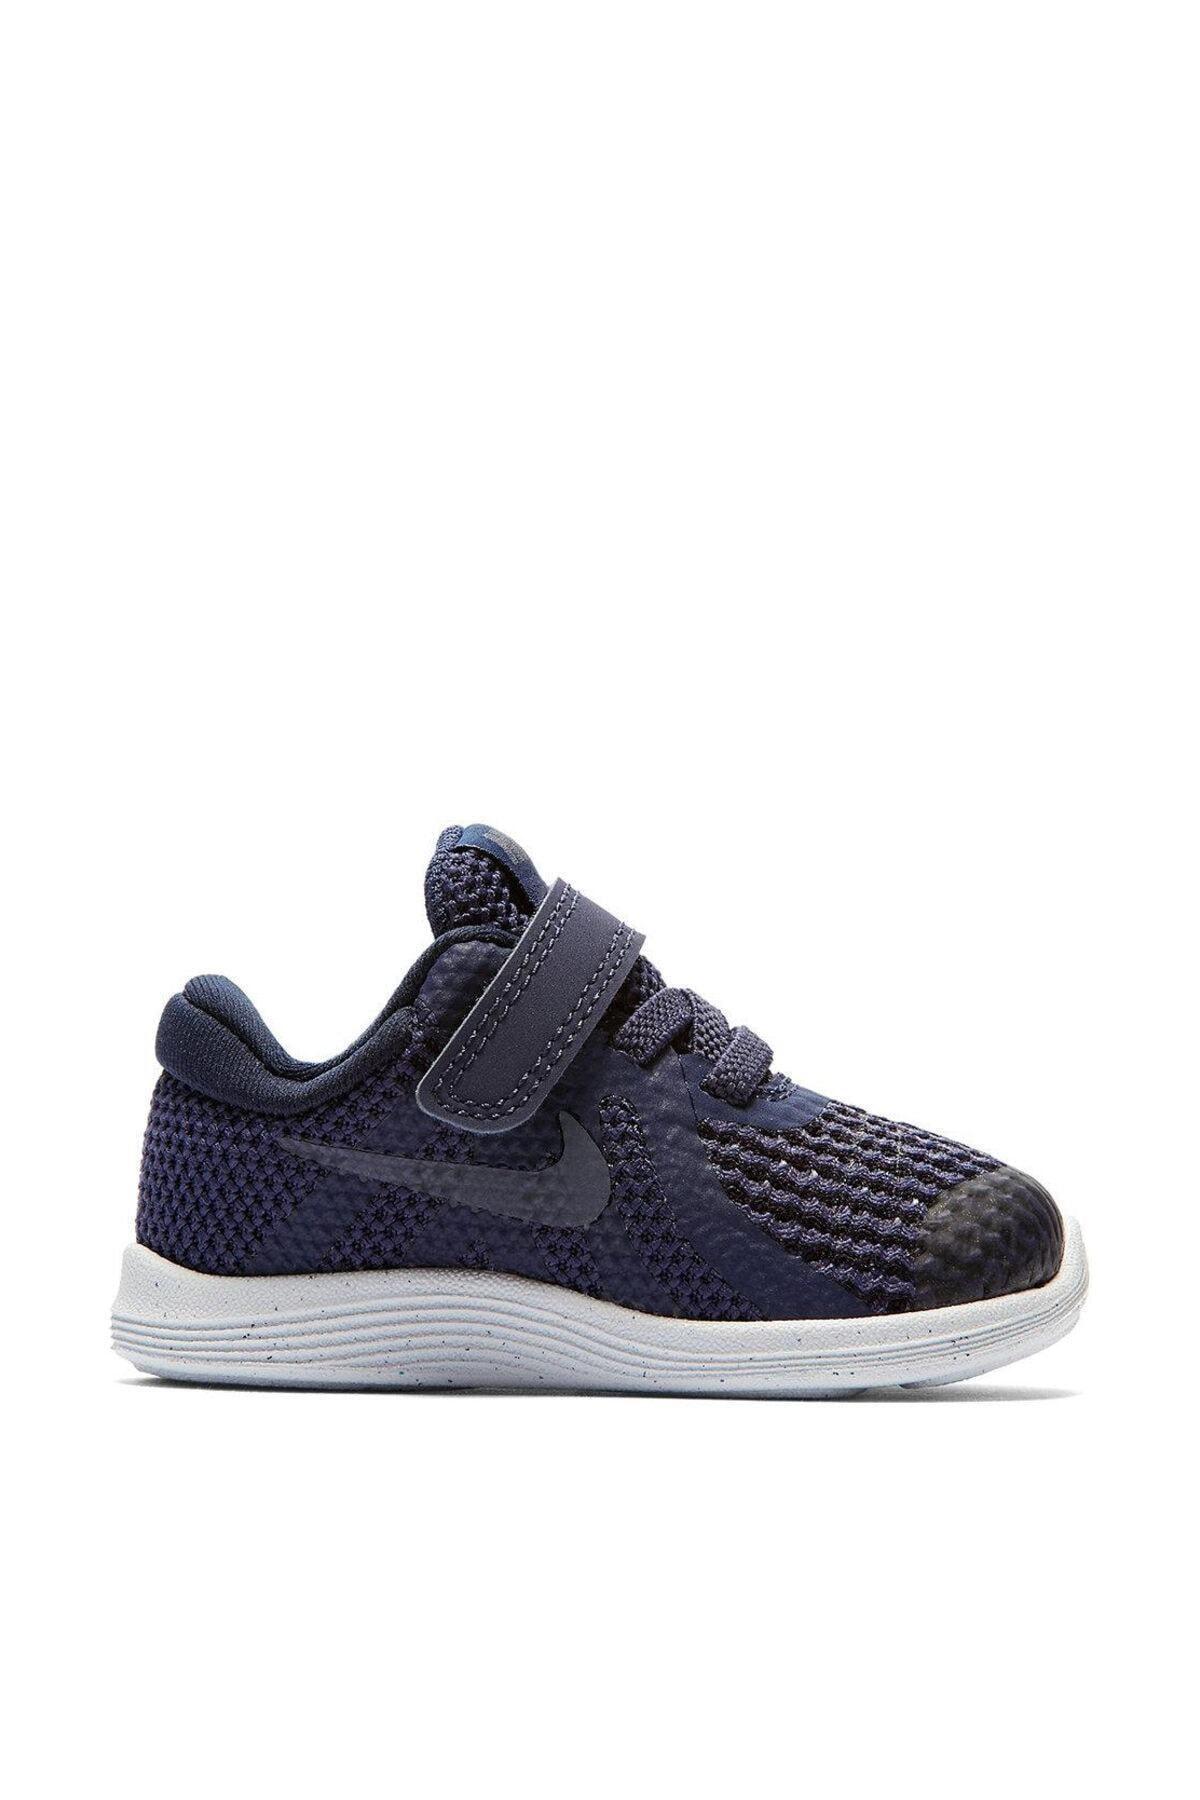 Nike Kids Unisex Çocuk Lacivert Revolution 4  Ayakkabısı 943304-501 1